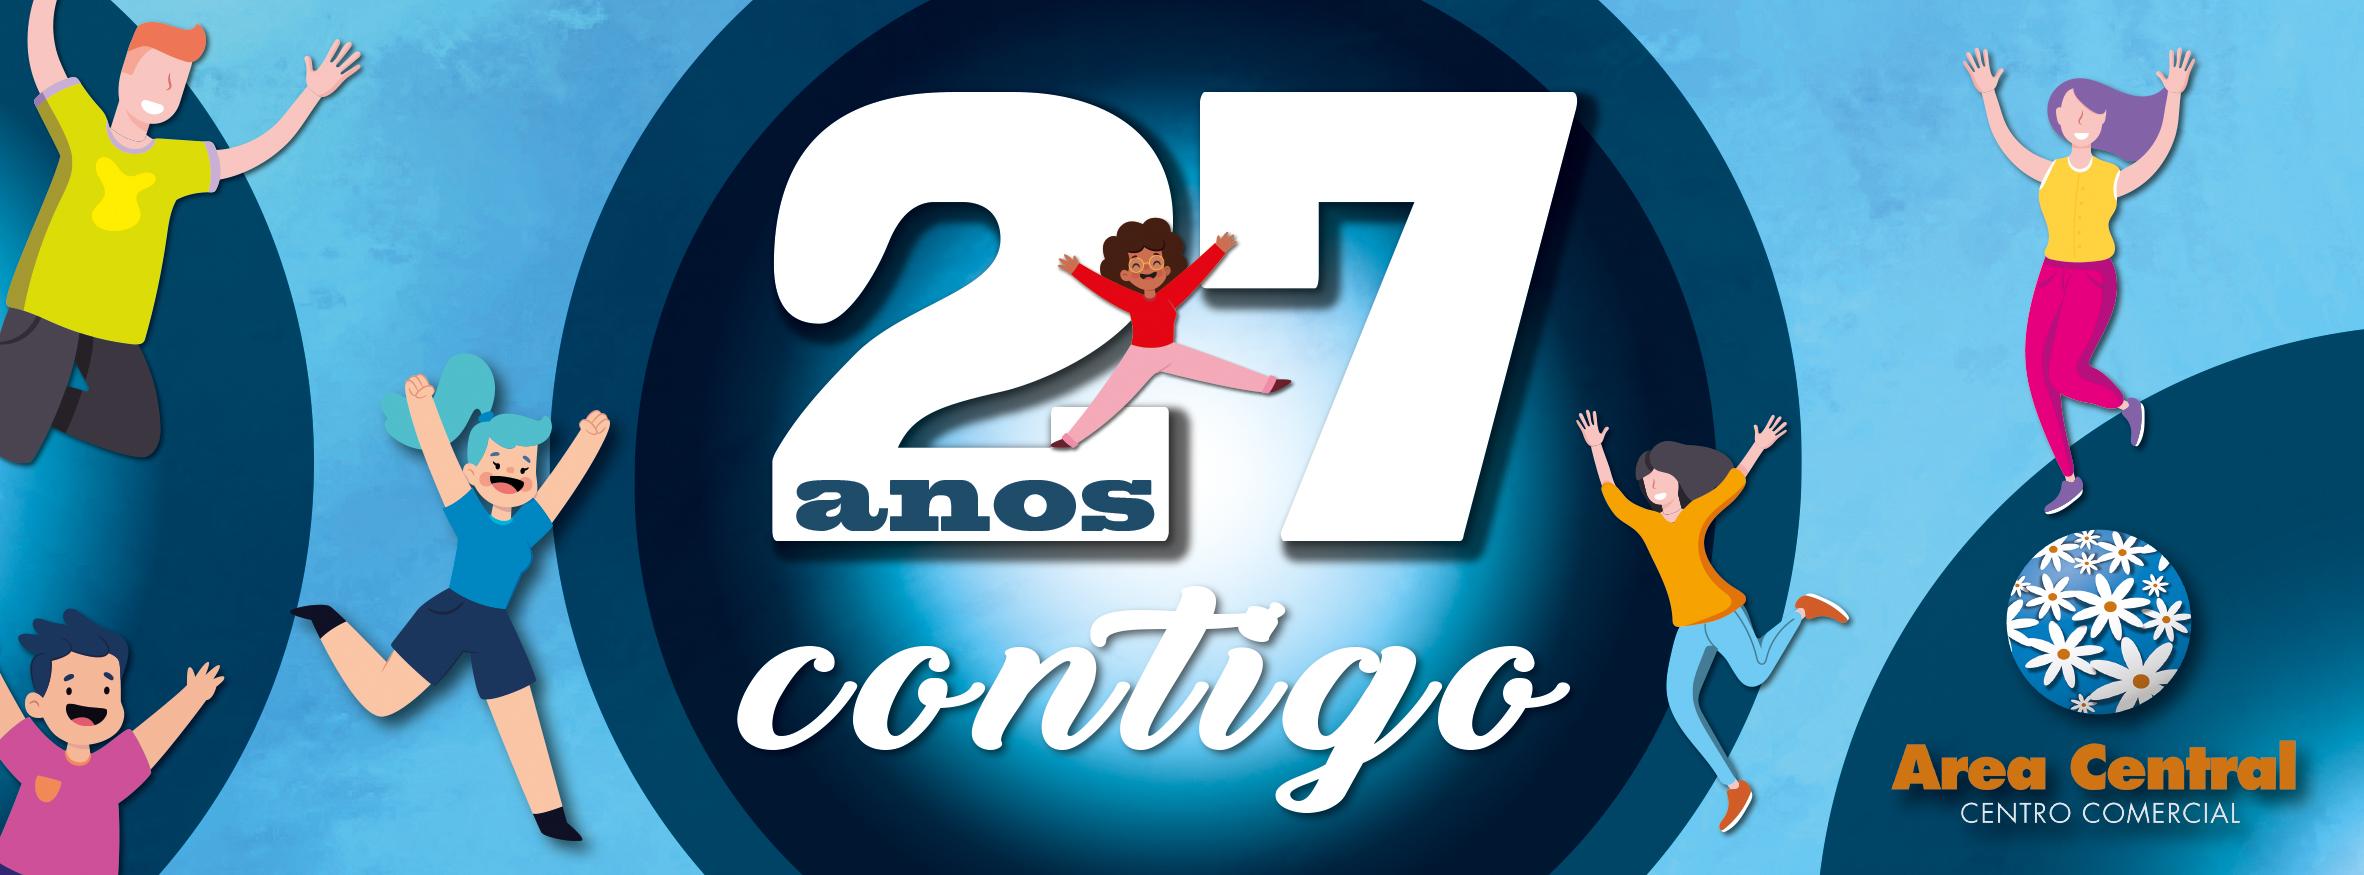 Estamos de aniversario, 27 anos ao teu lado!